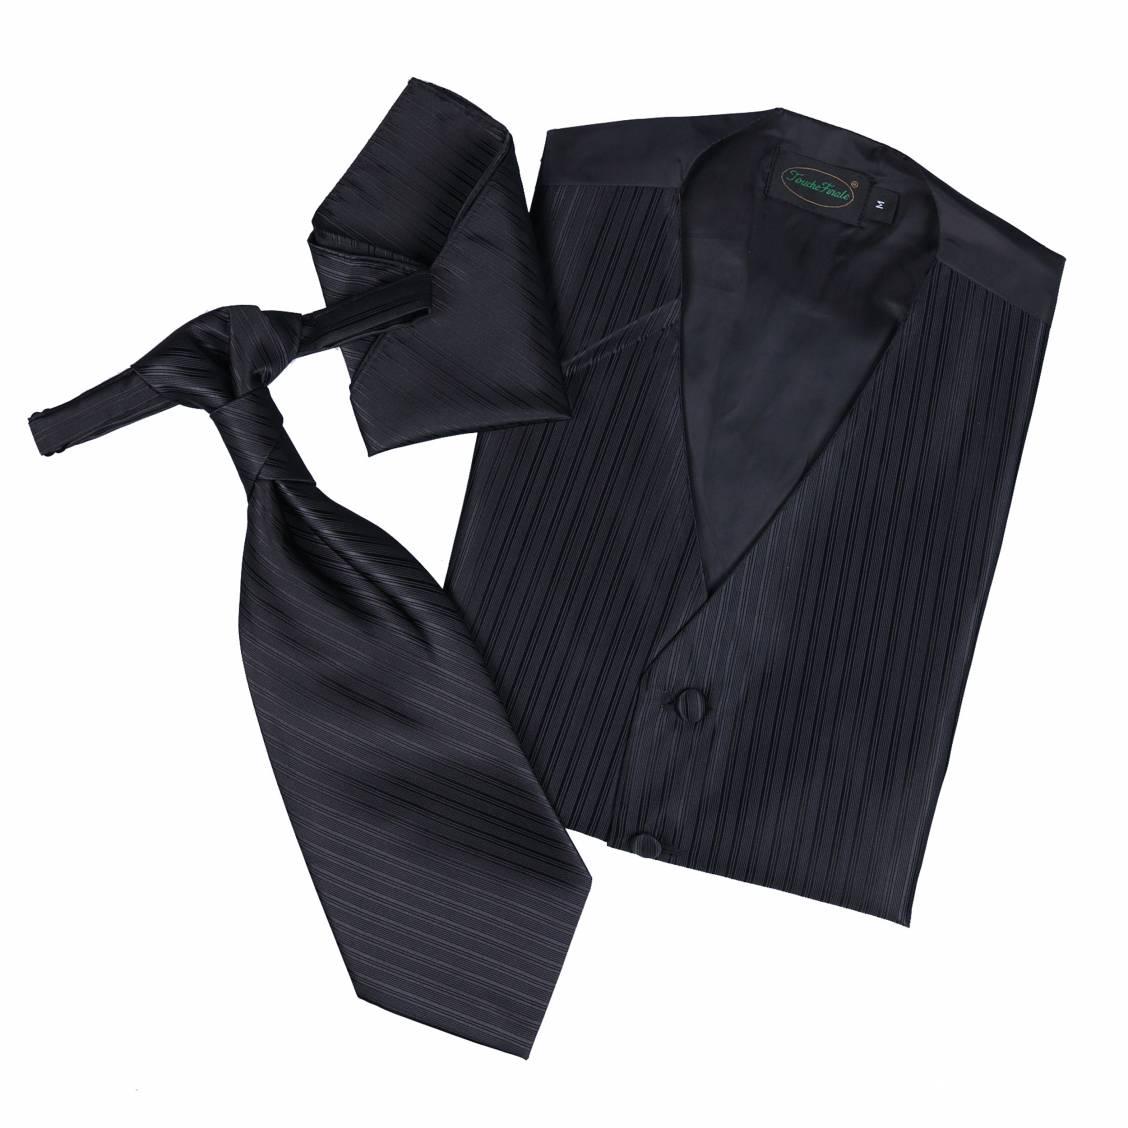 Set de cérémonie: gilet, cravalière et pochette coloris noir à fines rayures ton sur ton. Set de cérémonie c